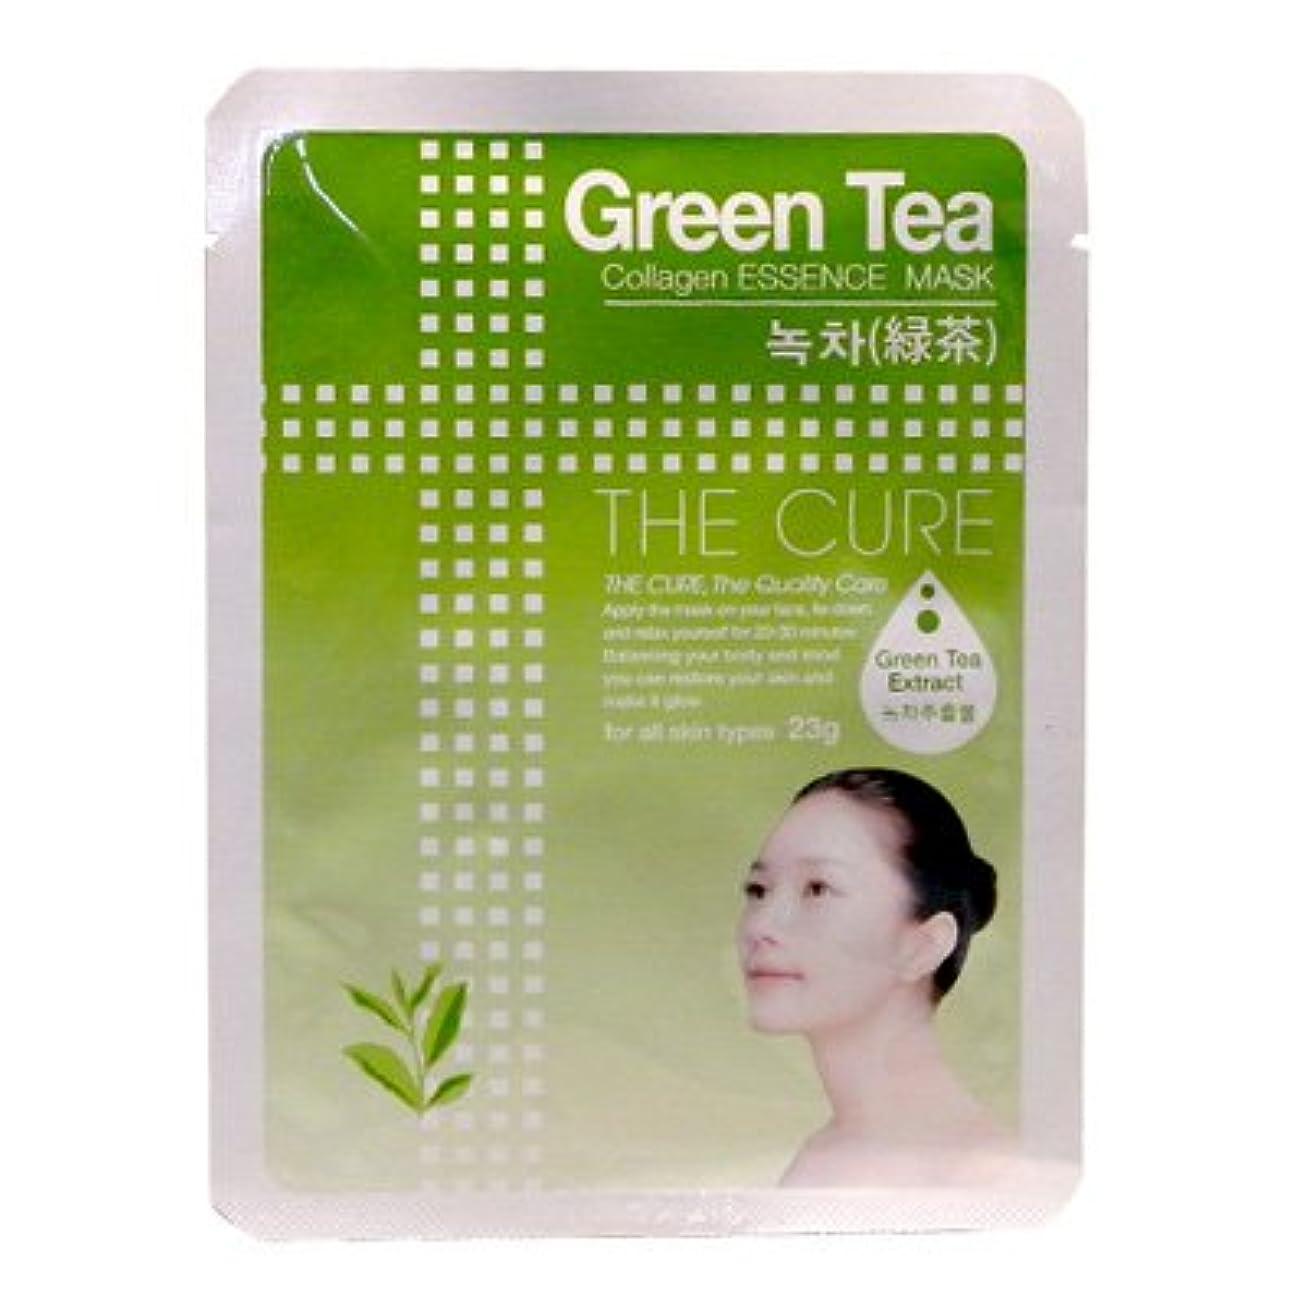 ようこそ天才満足させるCURE マスク シートパック 緑茶